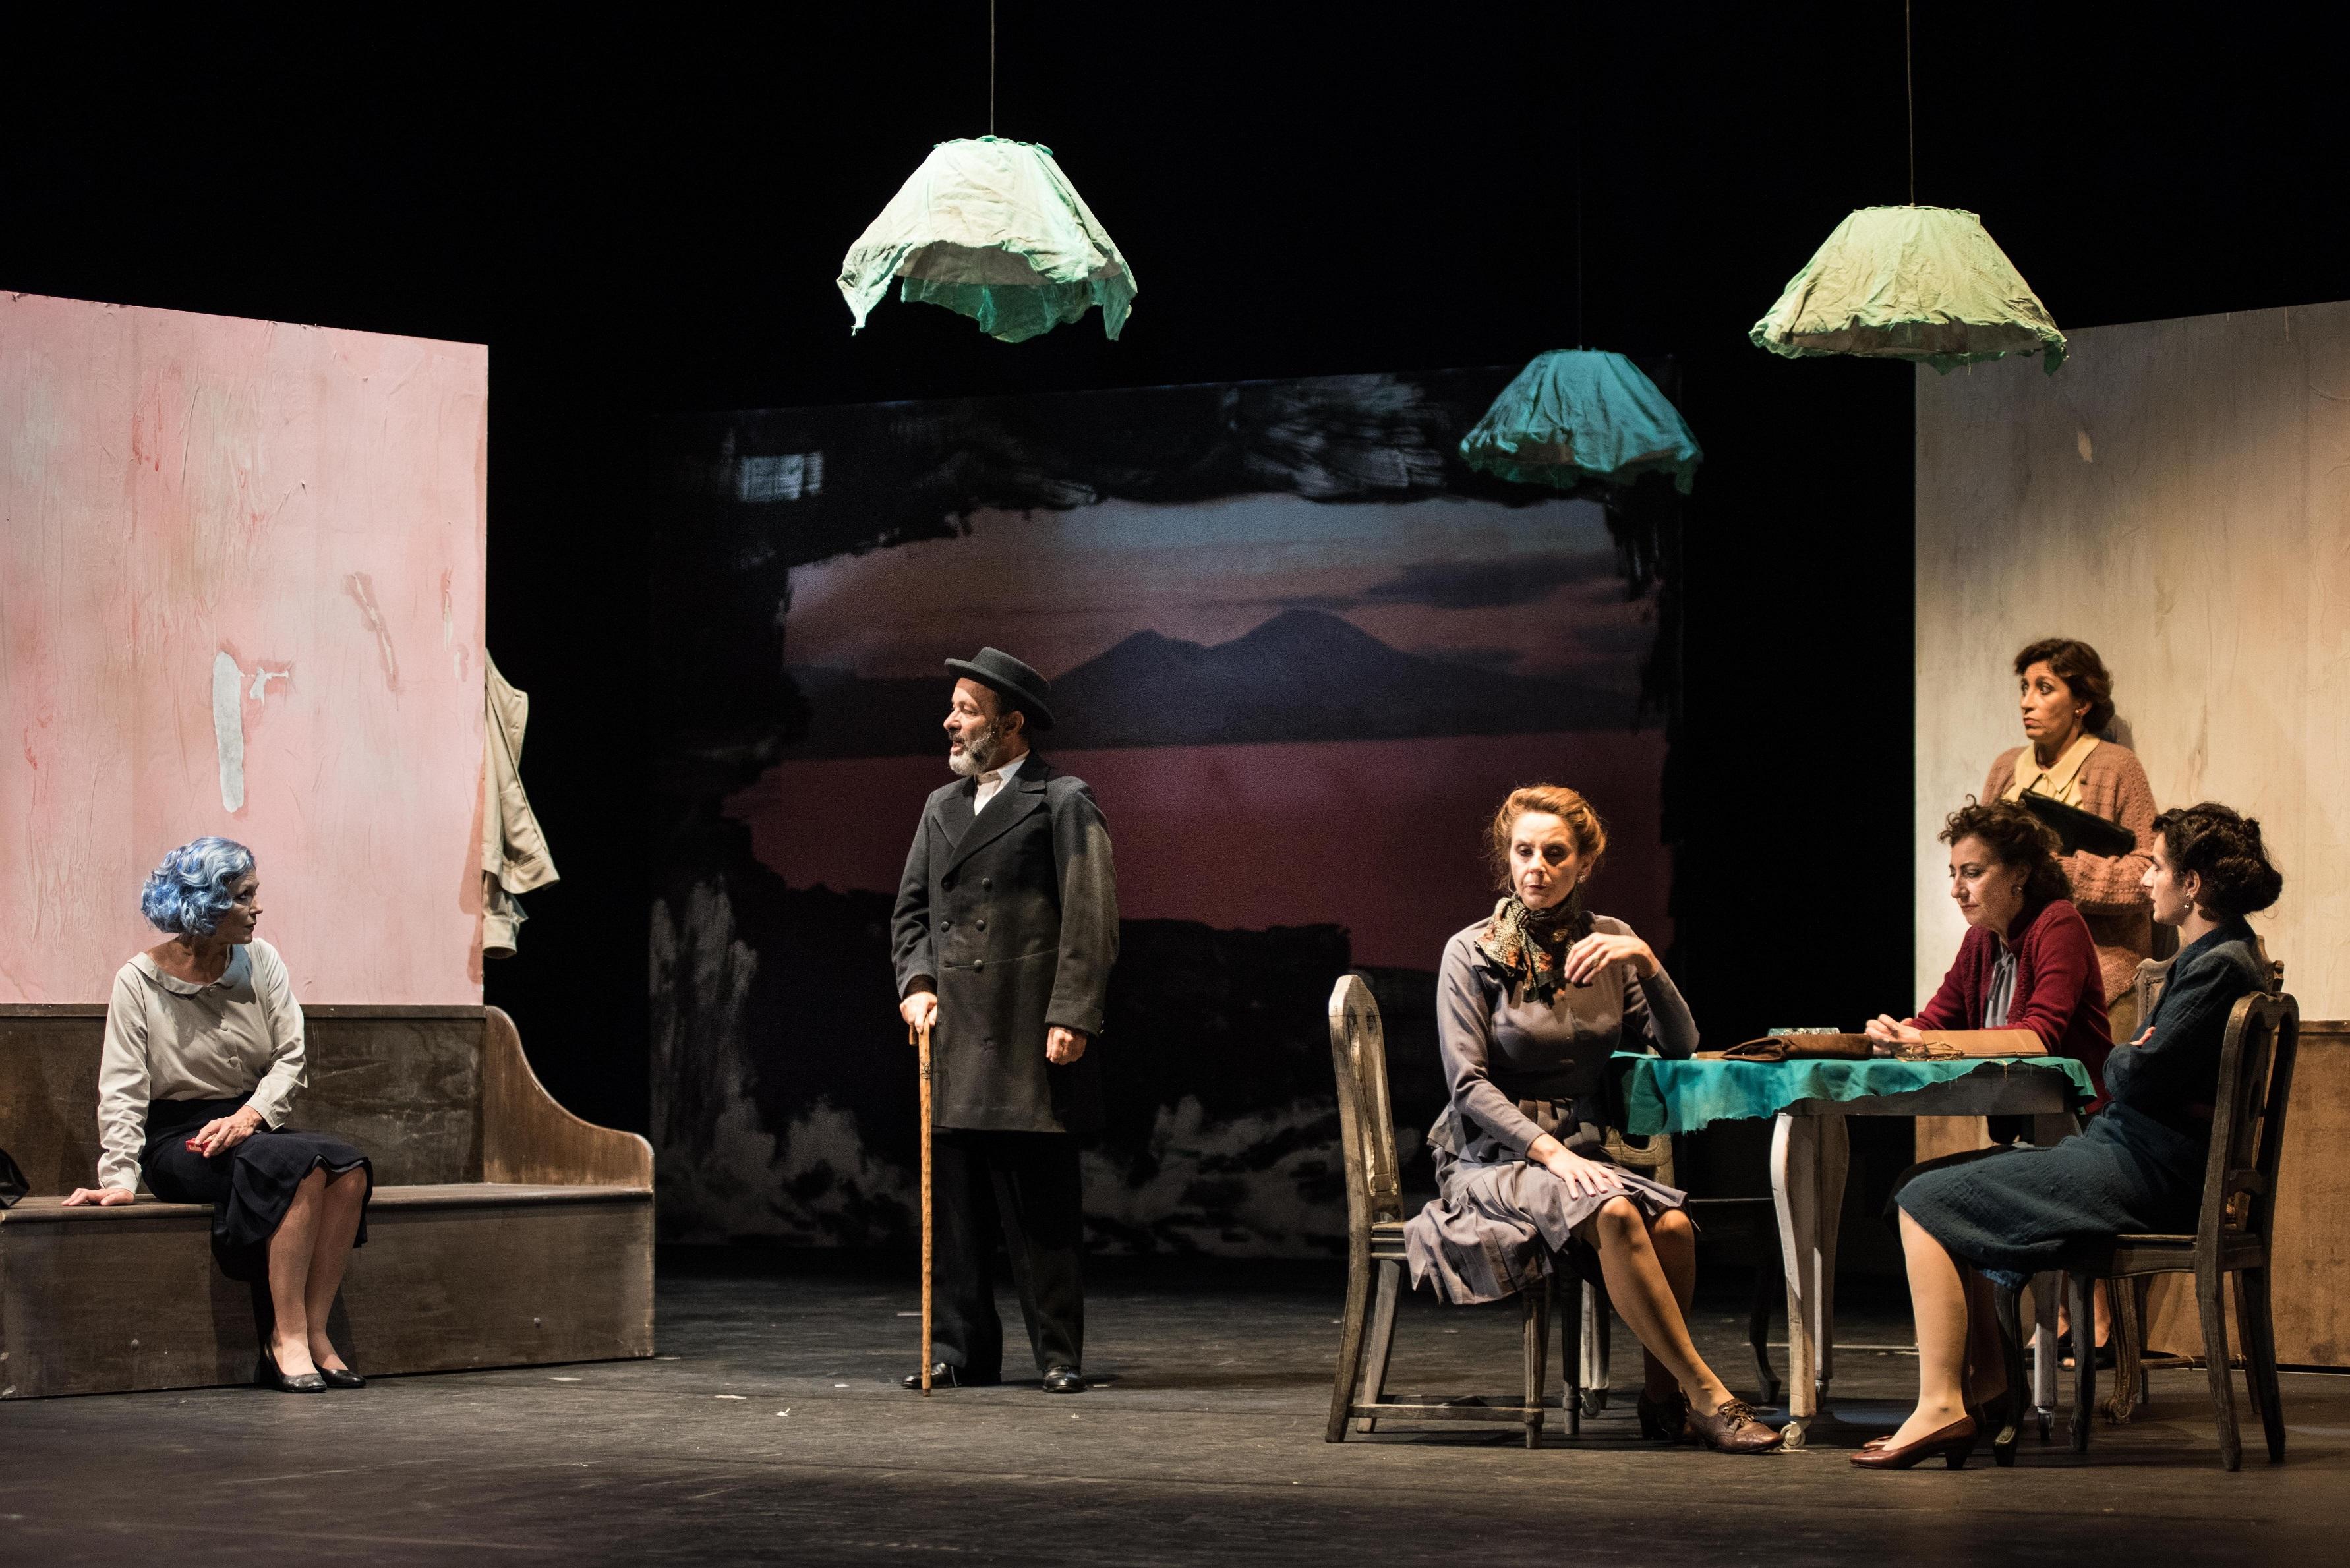 """""""In memoria di una signora amica"""", opera di Giuseppe Patroni Griffi, per la regia di Francesco Saponaro, la stagione del Teatro Stabile di Napoli, da quest'anno Teatro Nazionale. Lo spettacolo è [...]"""